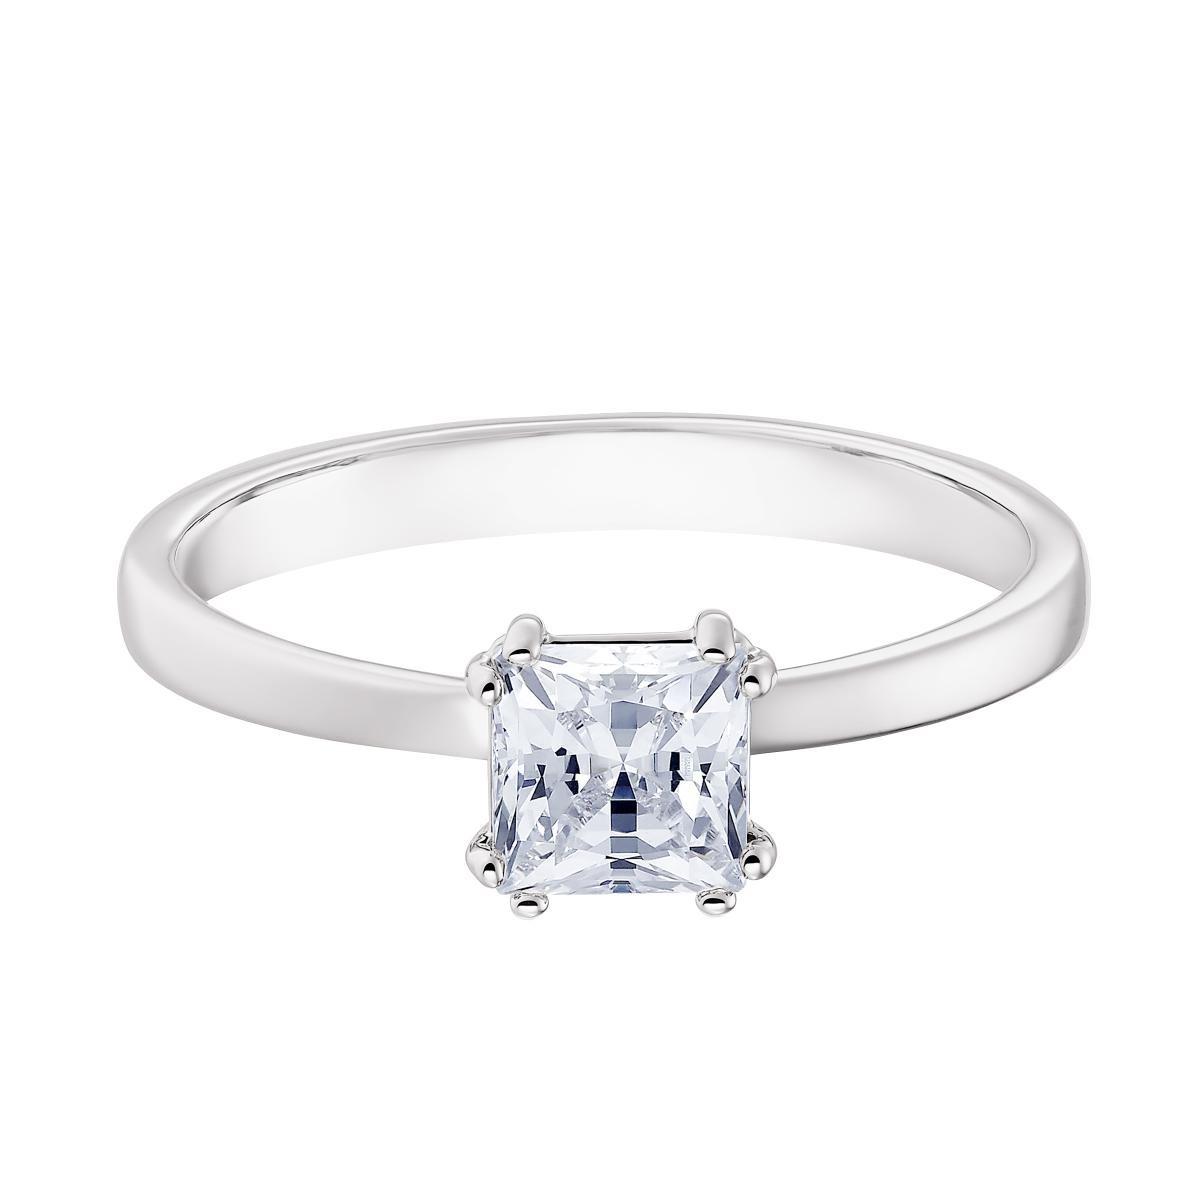 Bague Swarovski 5402435 - Bague Étincelante Métal Rhodié Pierre en cristal  Carrée Femme